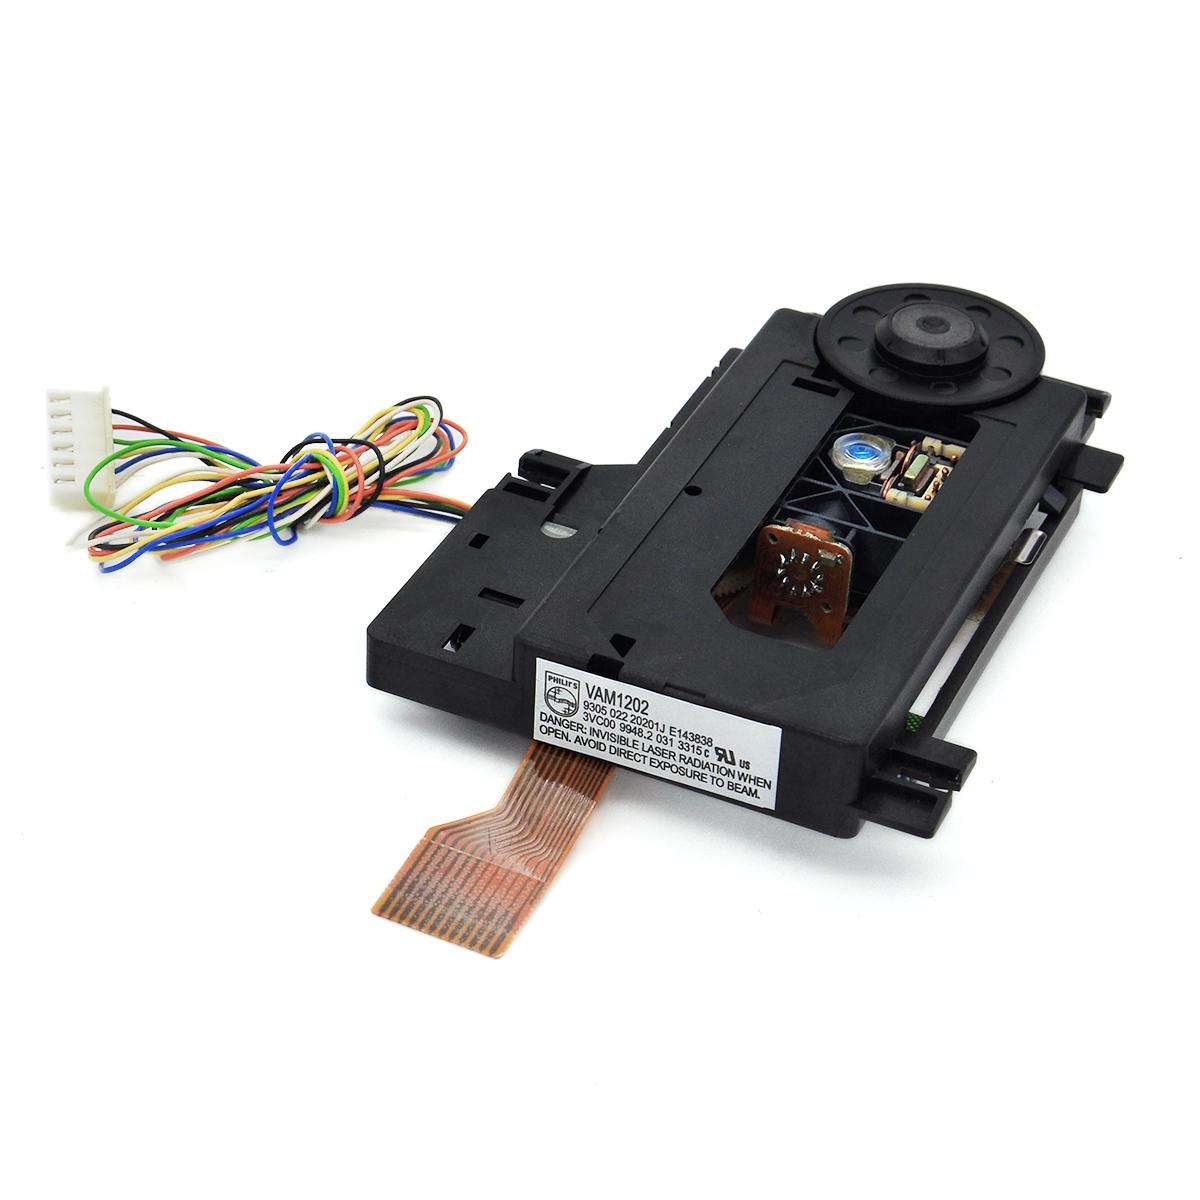 Philips CD VCD лазер глава VAM1202 1201 1202/12 общий CDM12.1 бритоголовый с подставкой сын